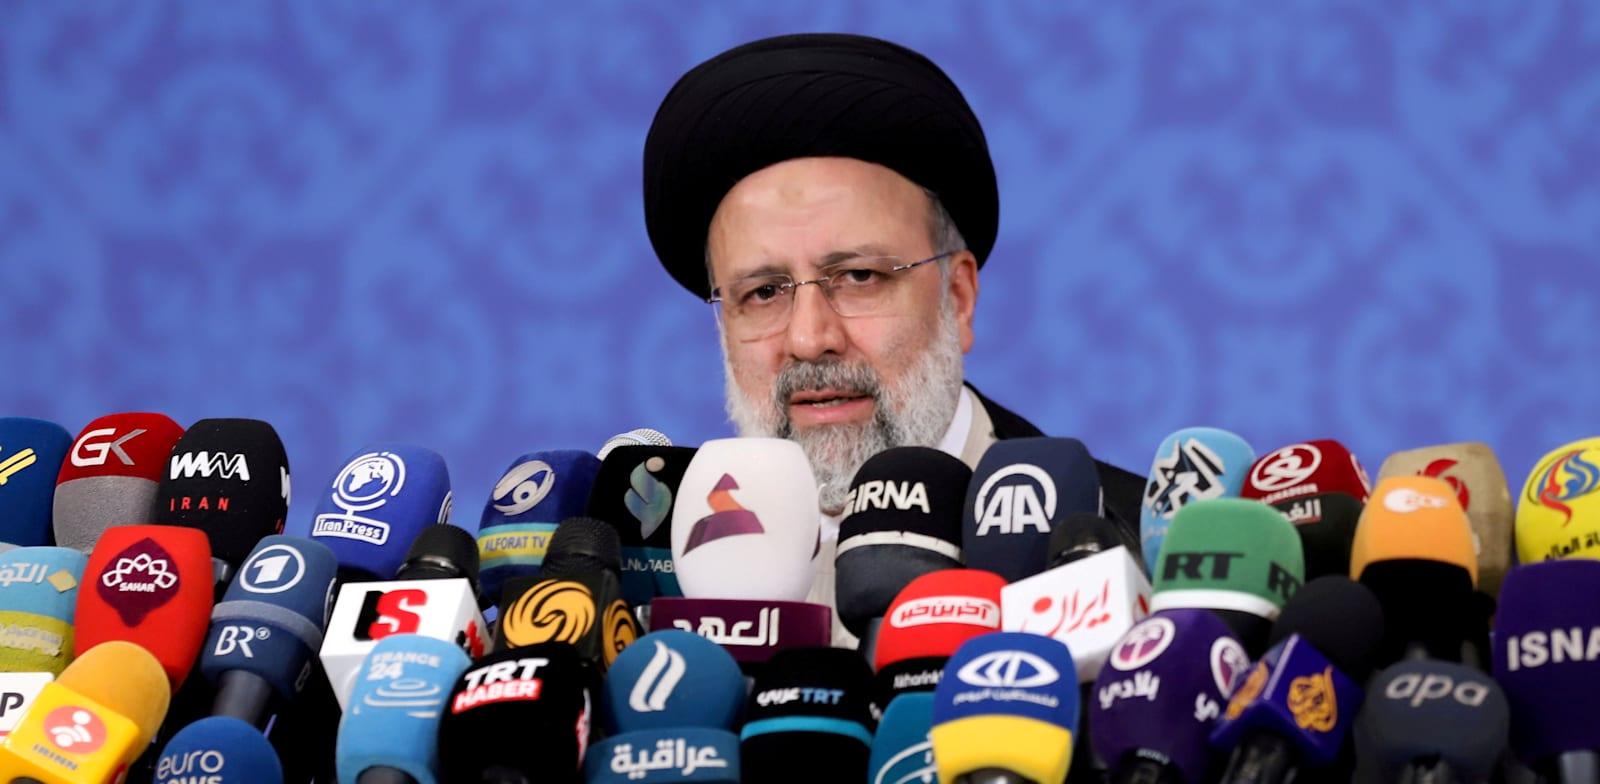 אבראהים ראיסי, נשיא איראן / צילום: Reuters, Majid Asgaripour/WANA